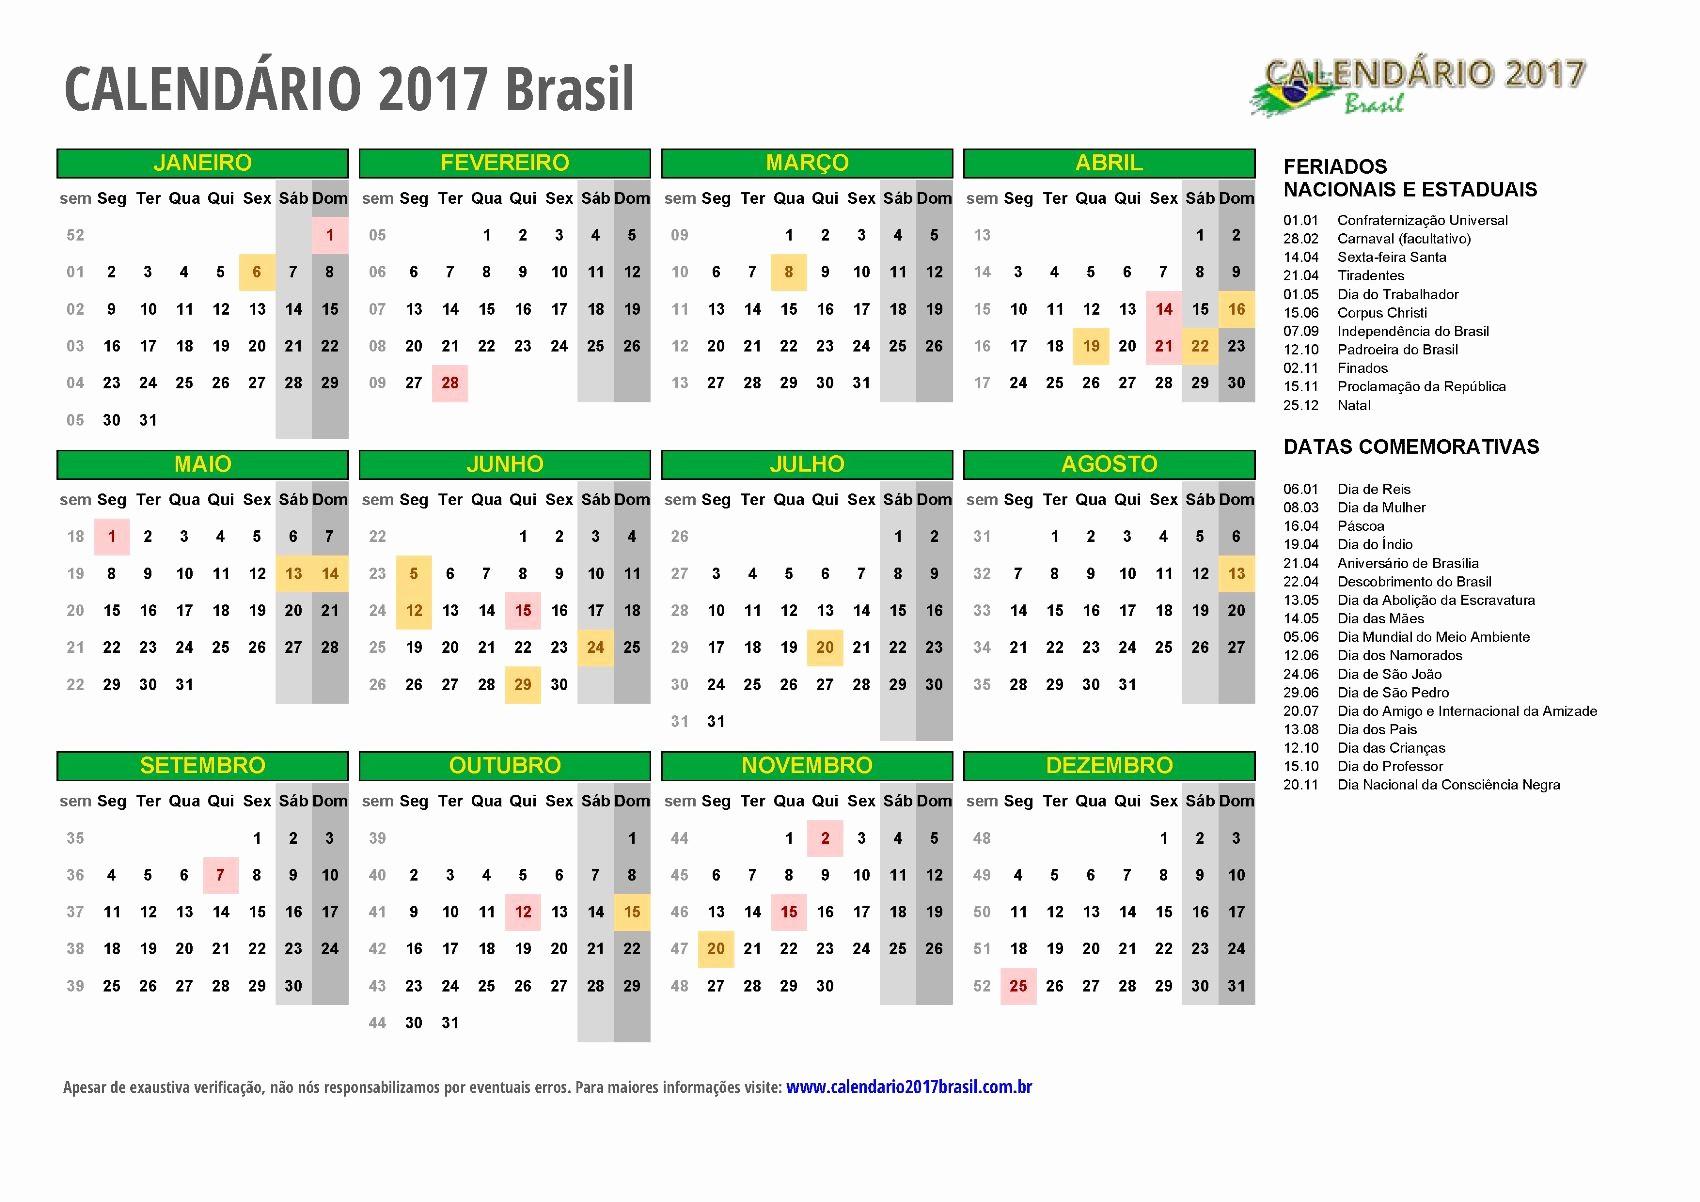 Calendario Anual 2017 Para Imprimir Fresh CalendÁrio 2017 Para Imprimir Feriados